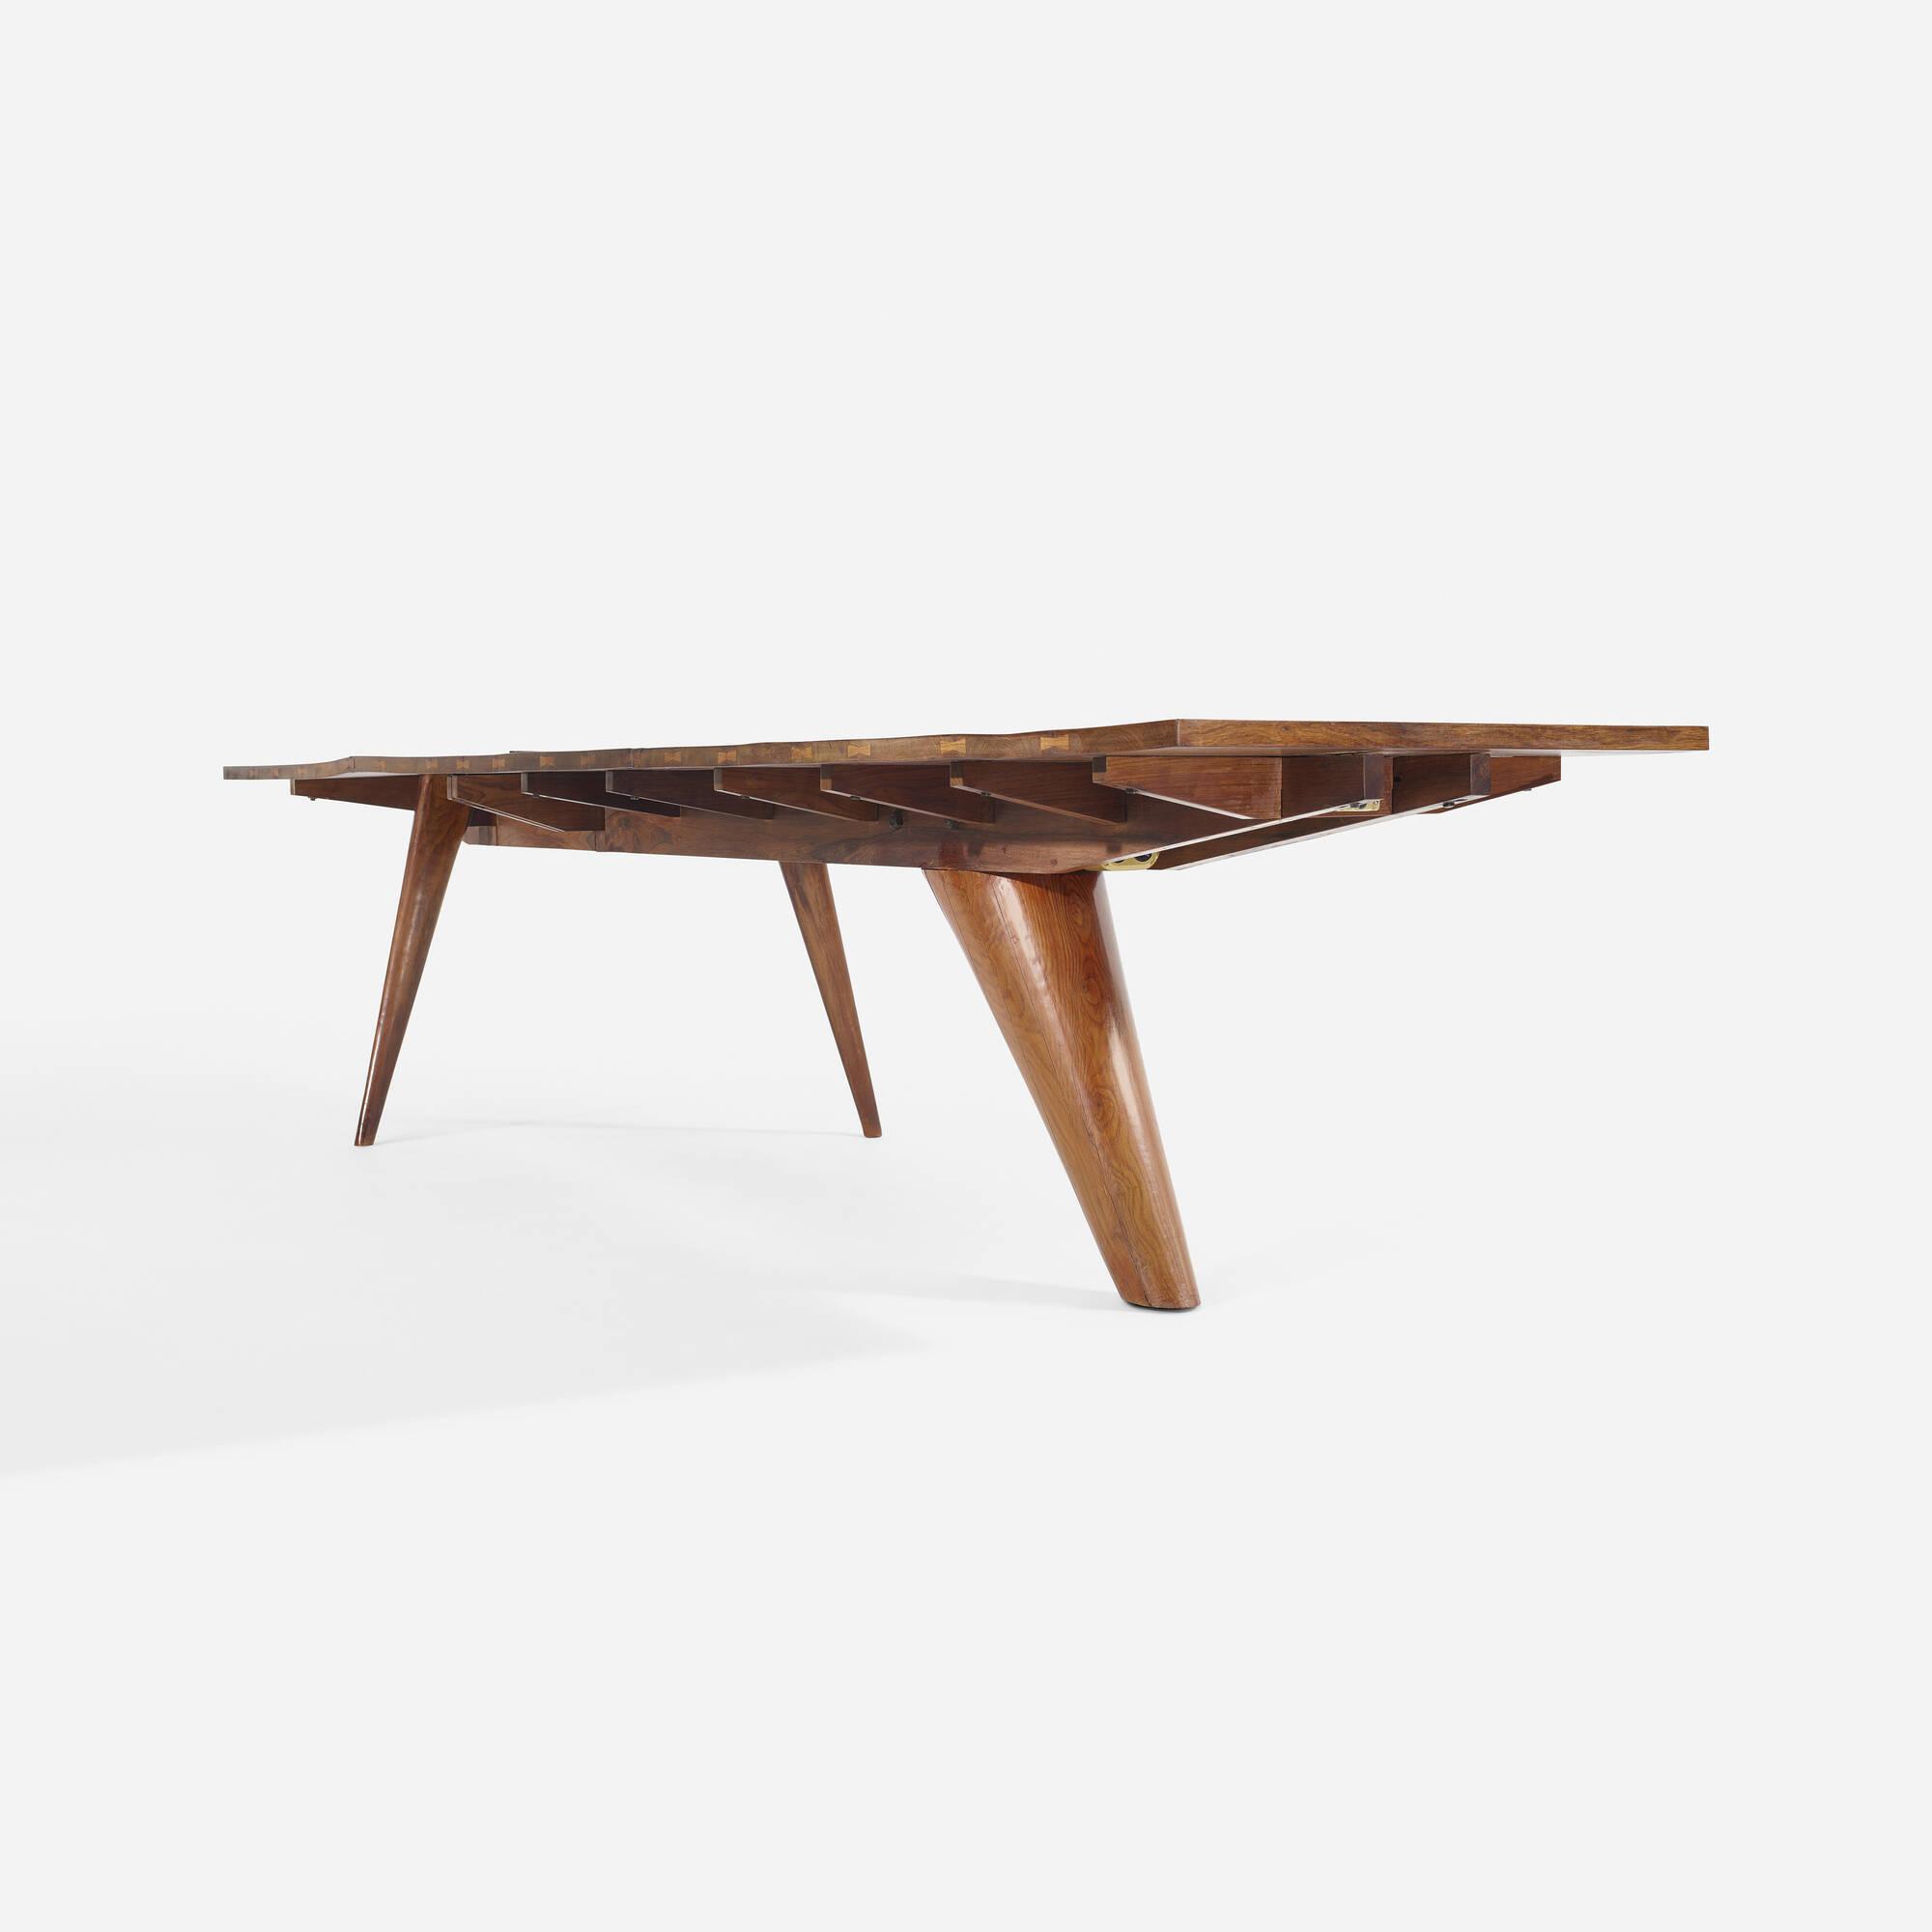 131 After Isamu Noguchi dining table Design 14 December 2017